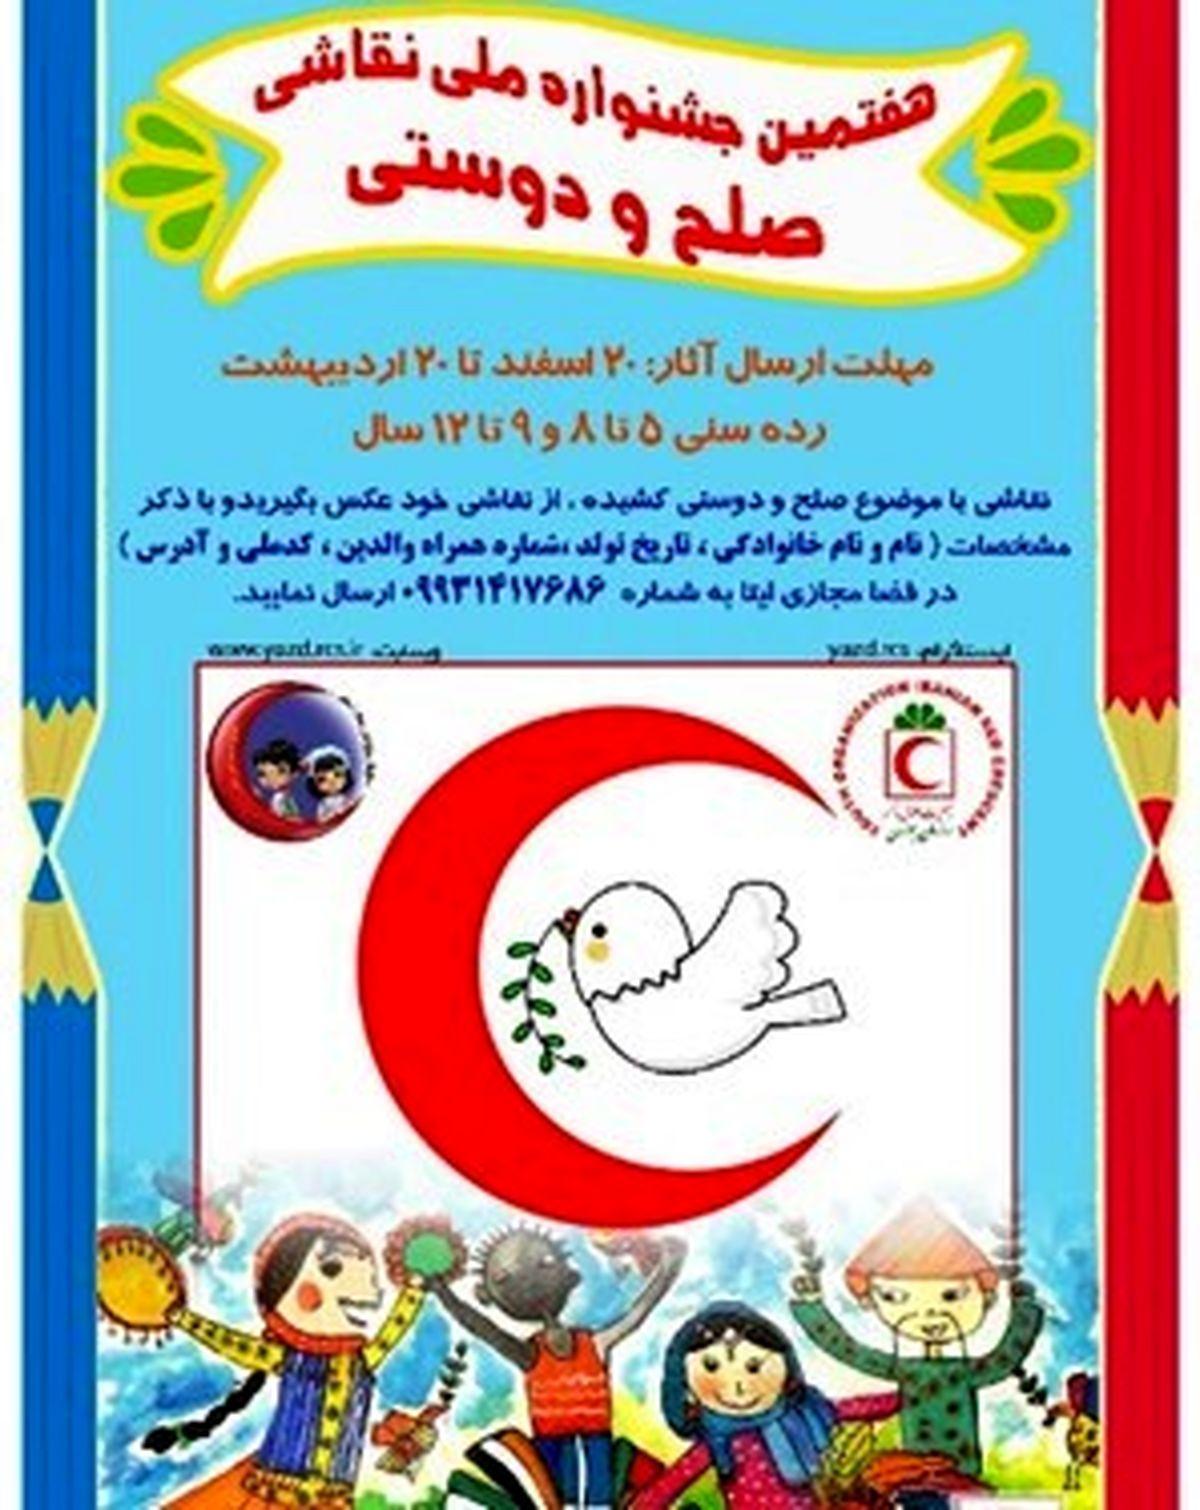 برگزاری هفتمین جشنواره ملی نقاشی صلح و دوستی در مازندران